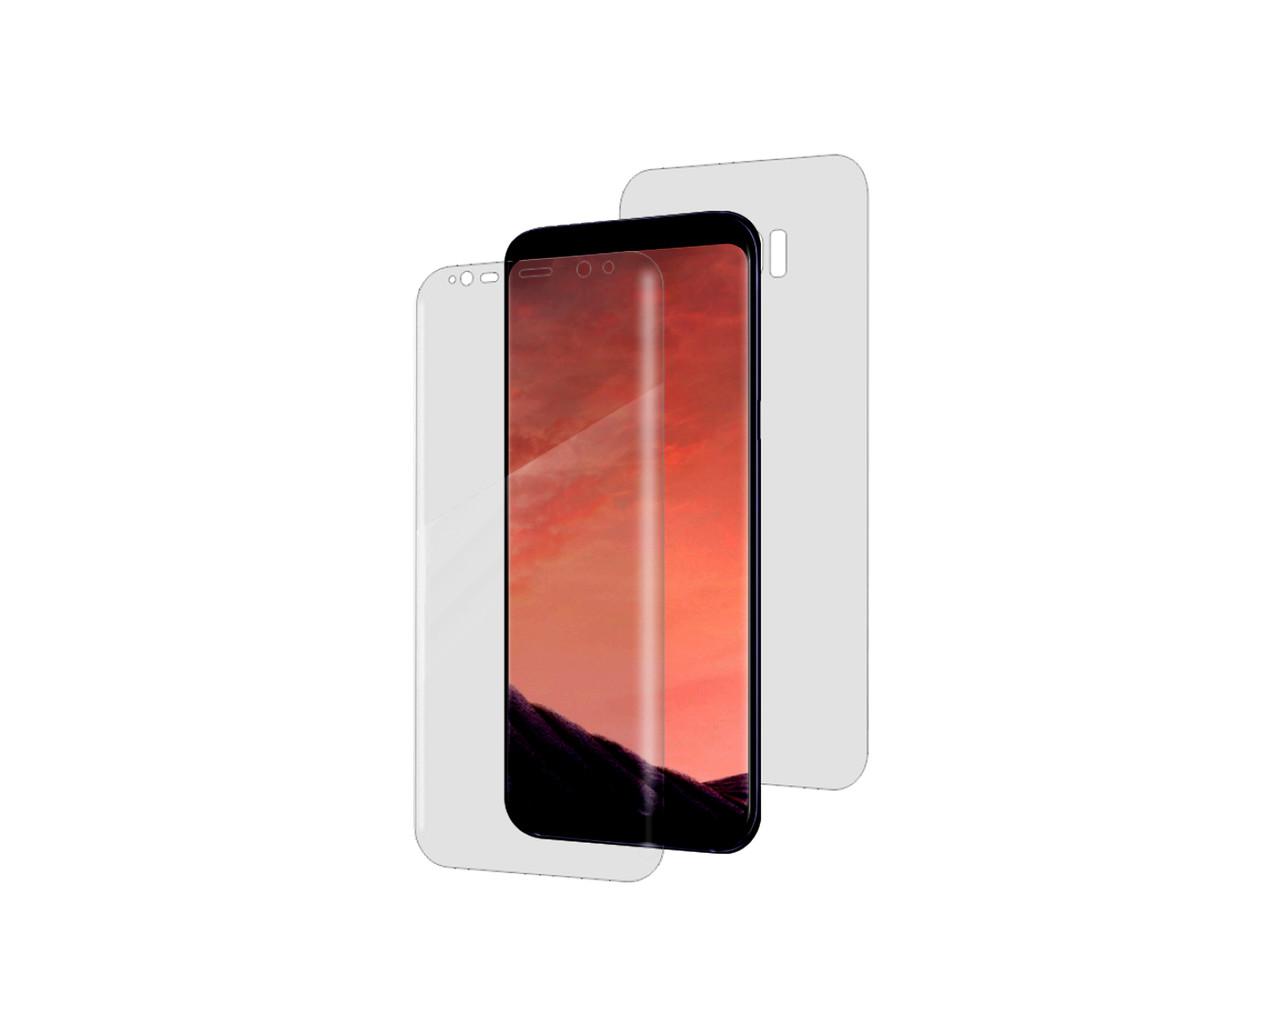 Защитная пленка Nano 2 стороны - лицевая и обратная ITOP 360 для Samsung Galaxy S8 Full Cover